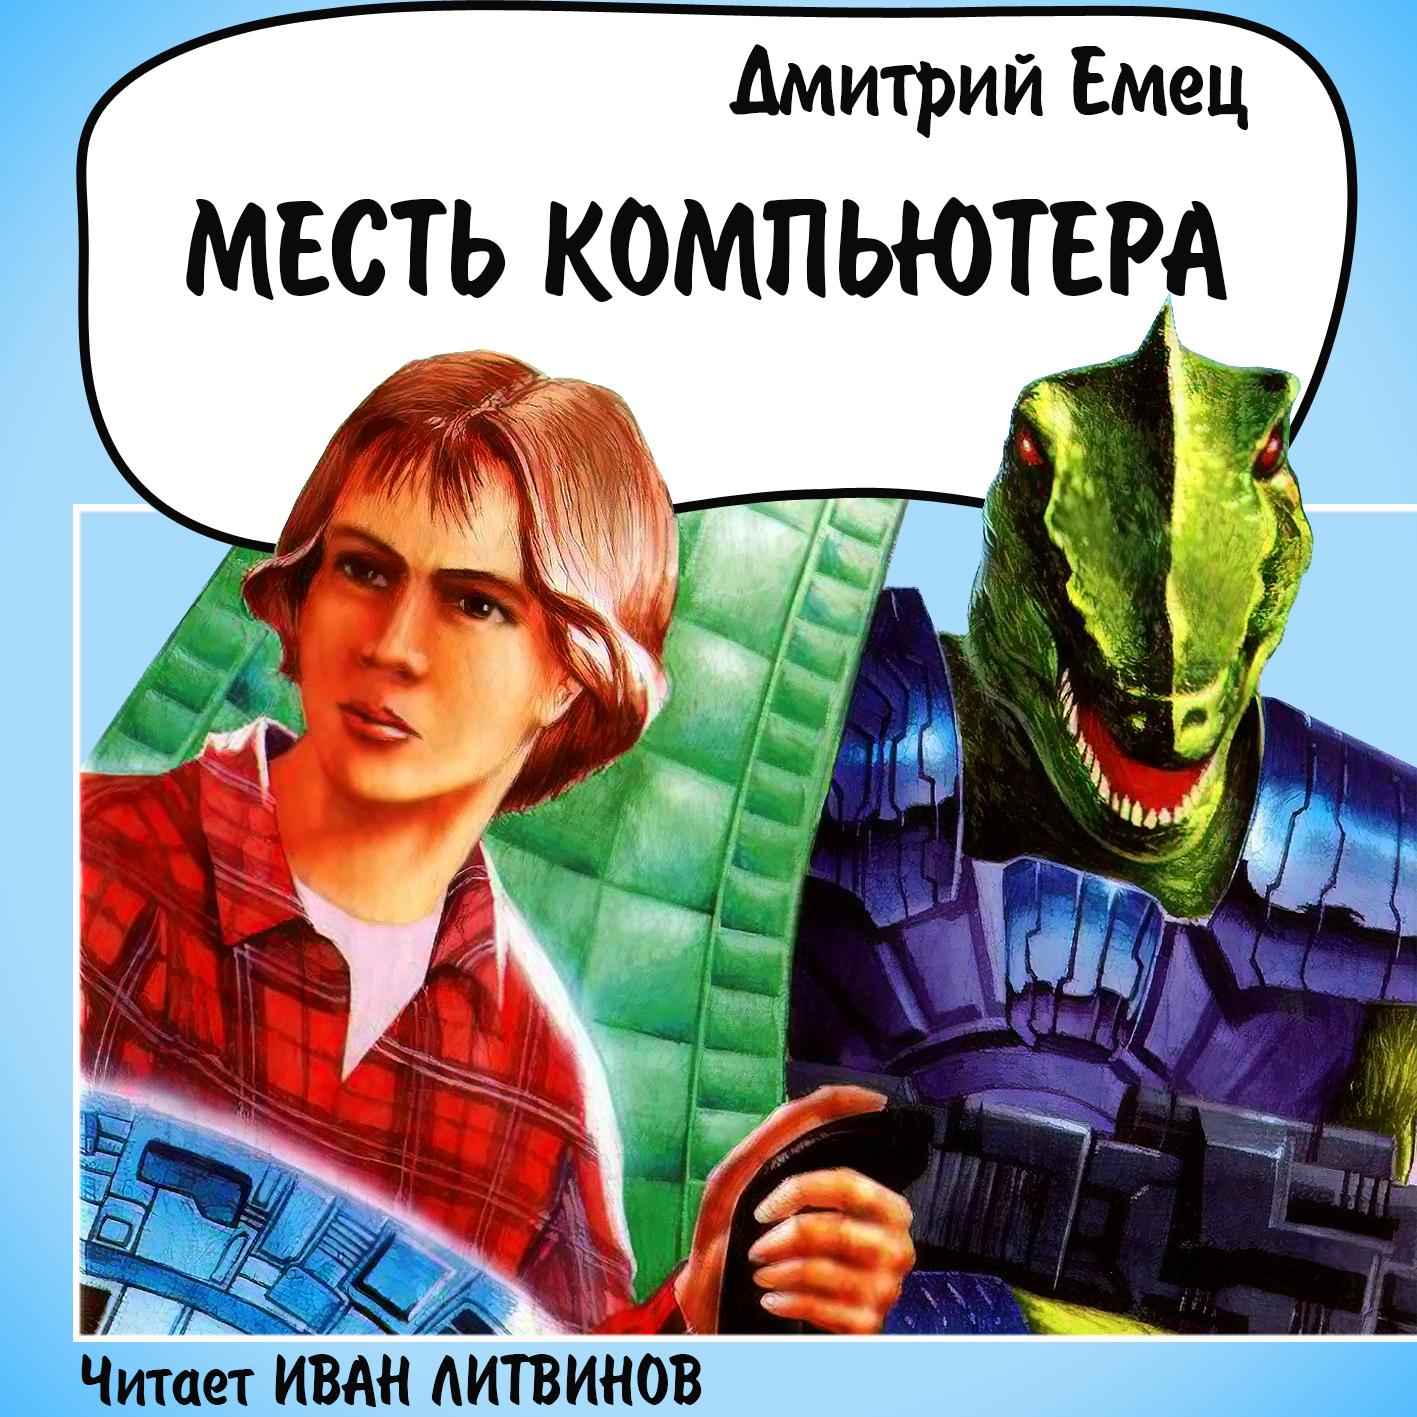 Дмитрий Емец. Месть компьютера